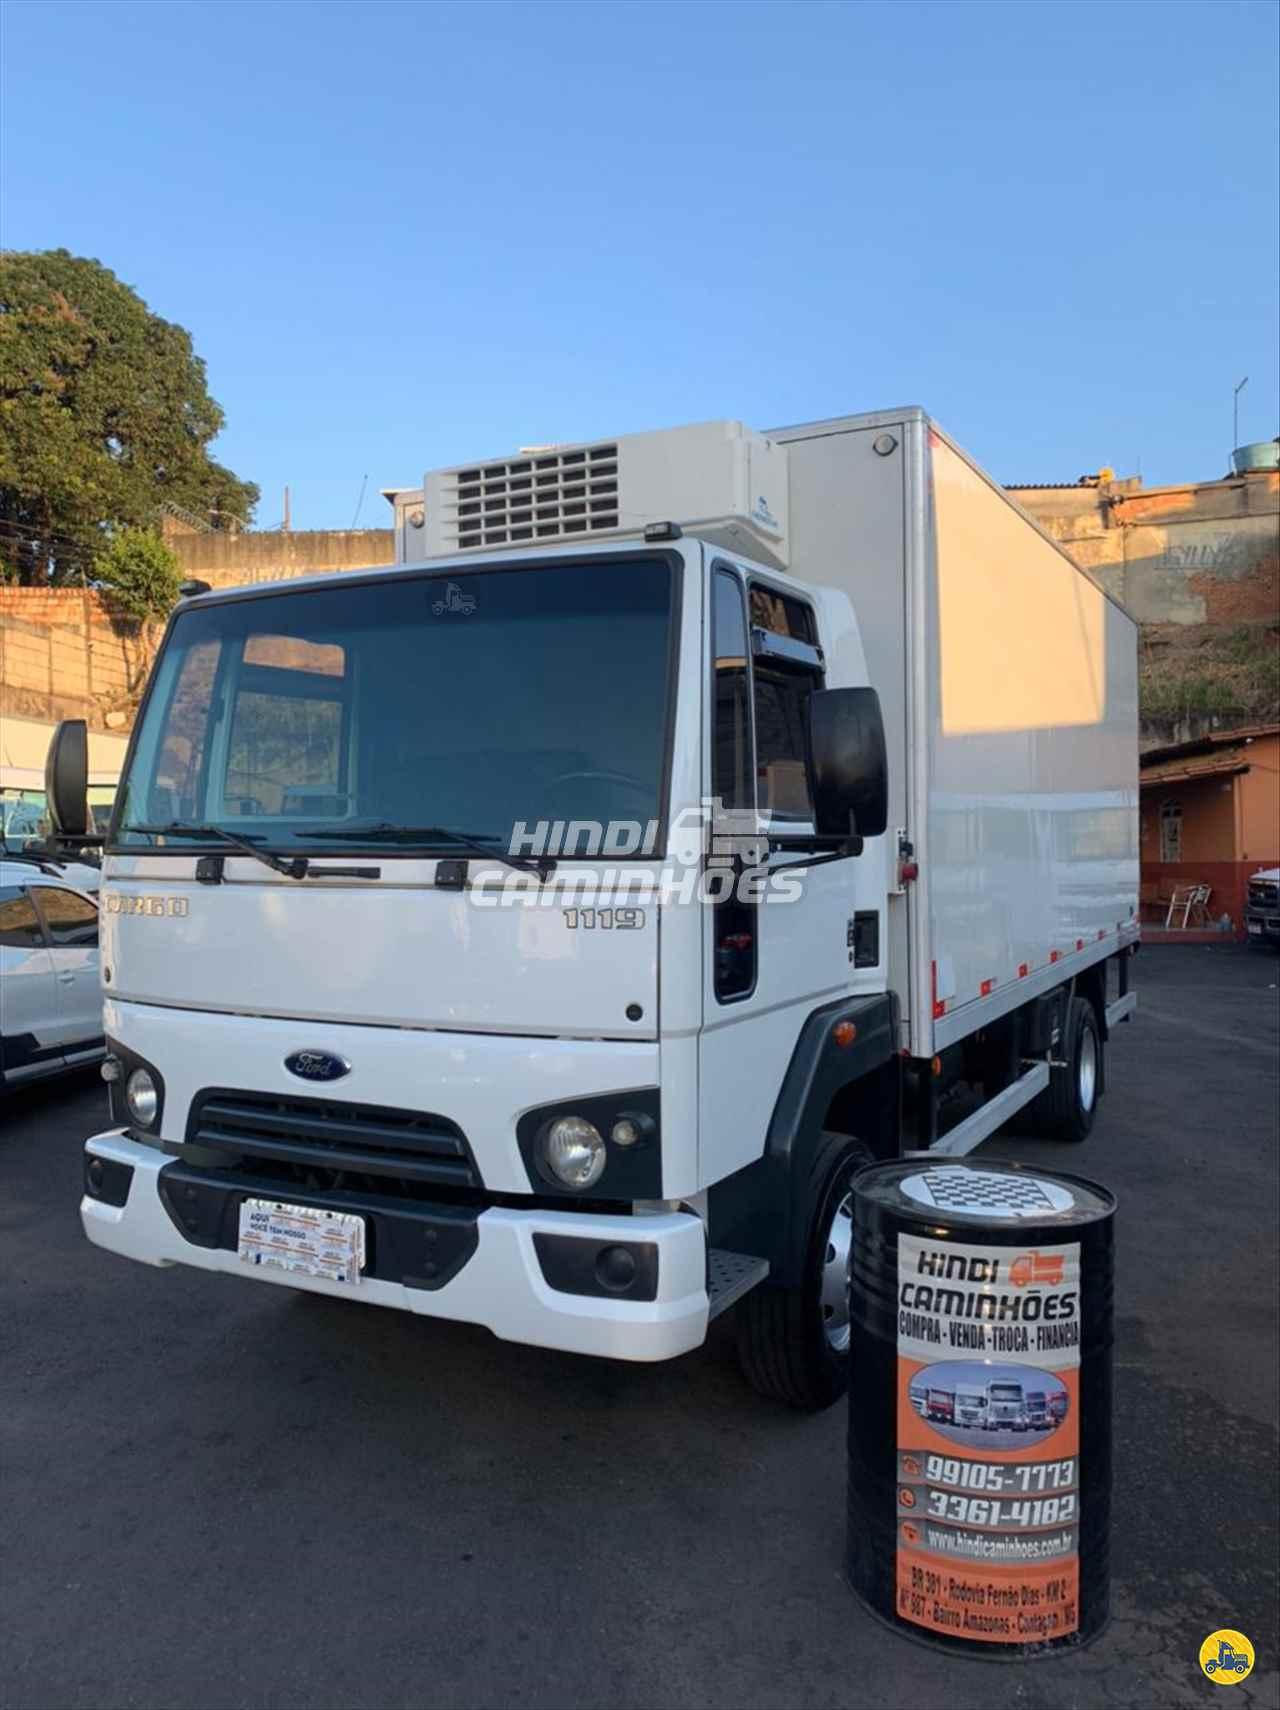 CAMINHAO FORD CARGO 1119 Baú Frigorífico 3/4 4x2 Hindi Caminhões CONTAGEM MINAS GERAIS MG